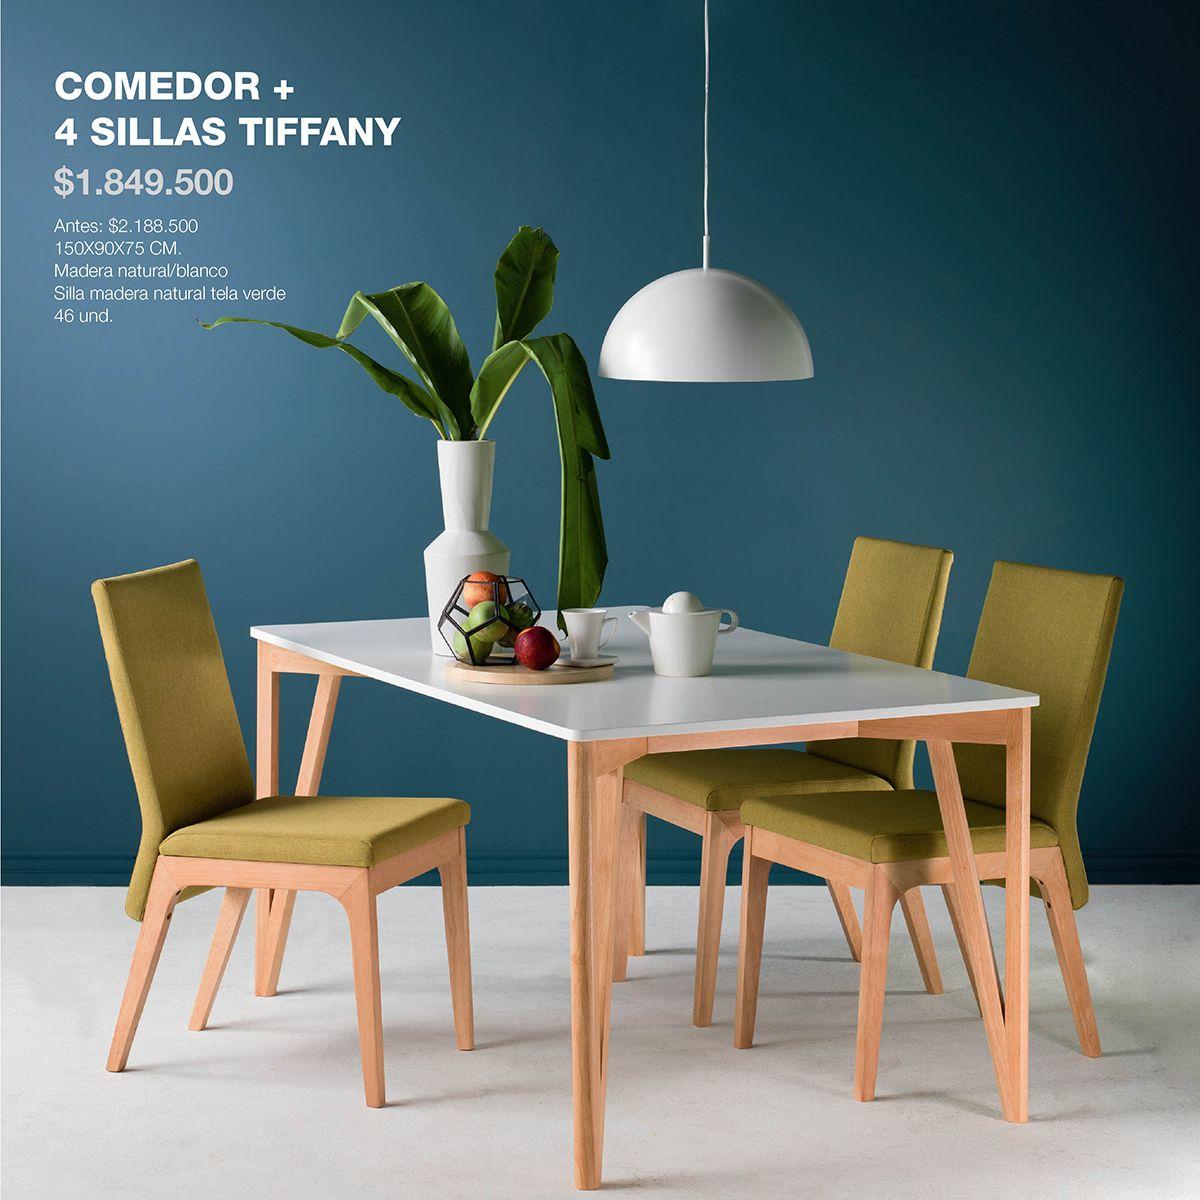 Comedor y sillas tiffany vidrio de color blanco y madera for Sillas de comedor grises